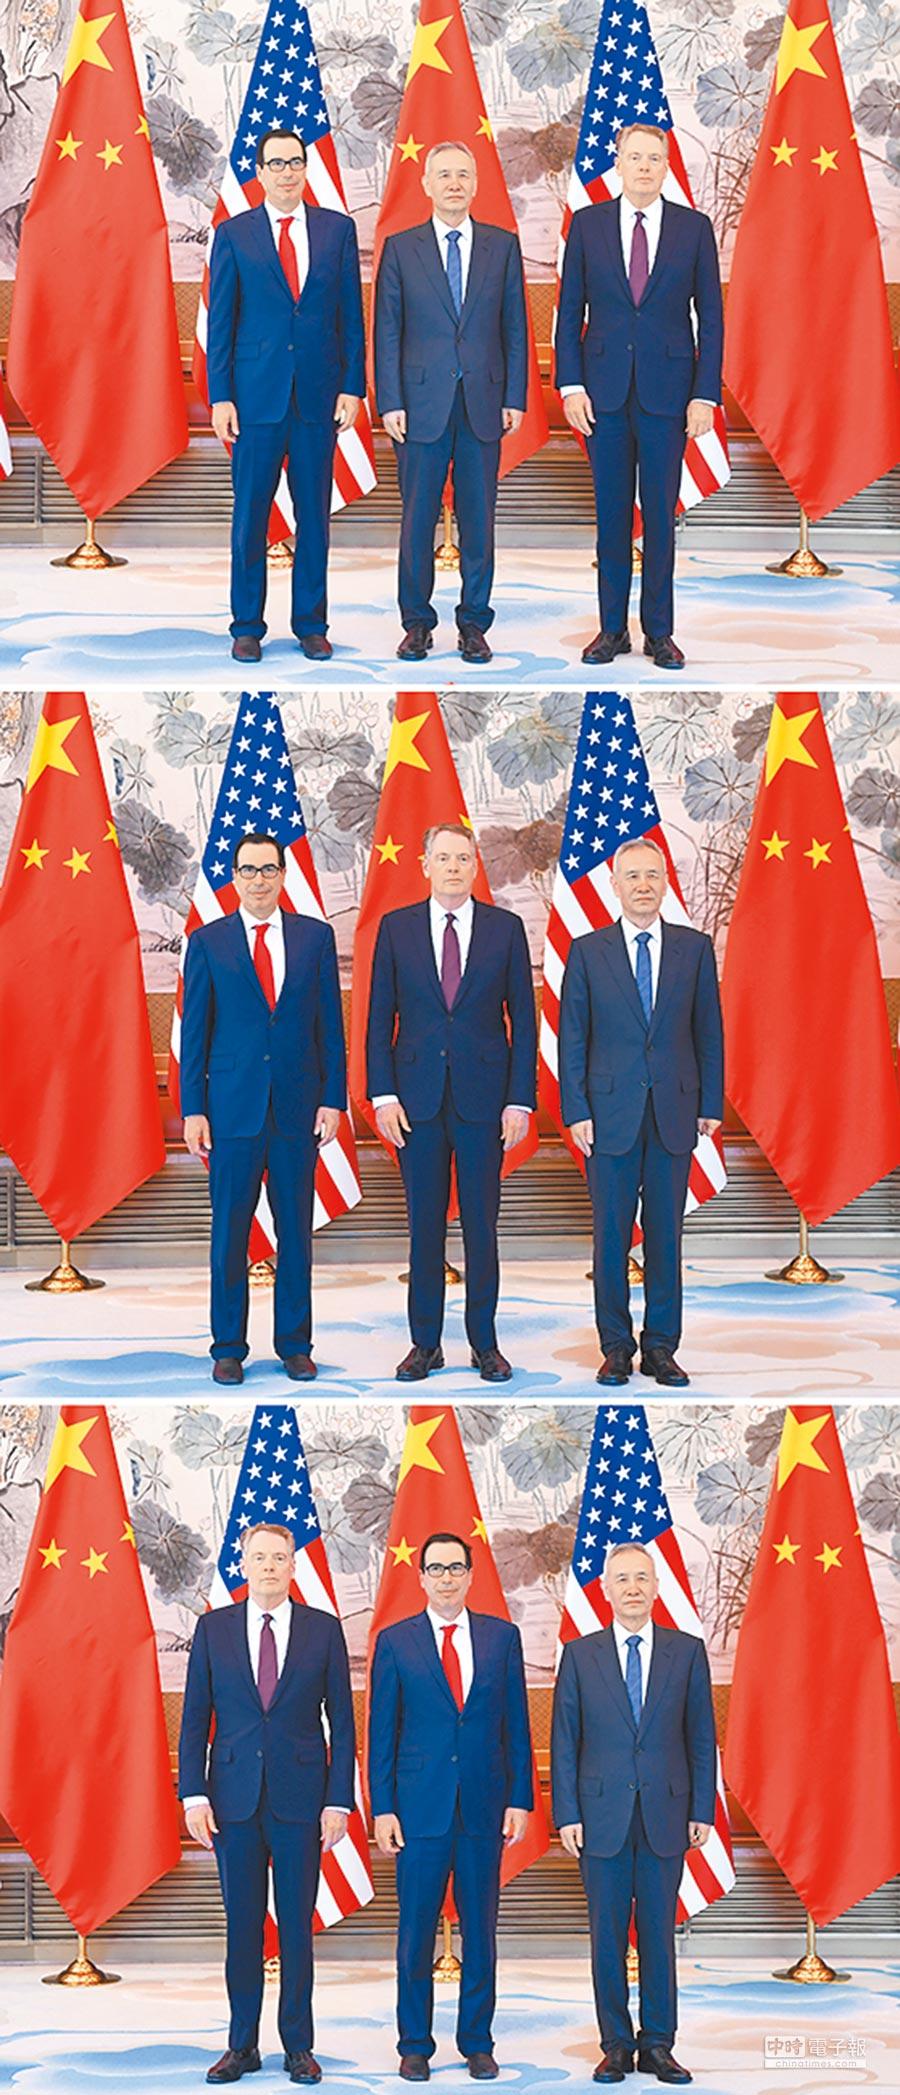 4月30日至5月1日,大陸國務院副總理劉鶴(中)與美國貿易代表萊特希澤(右)、財政部長努欽(左)在北京舉行第10輪中美經貿高級別磋商。(新華社)